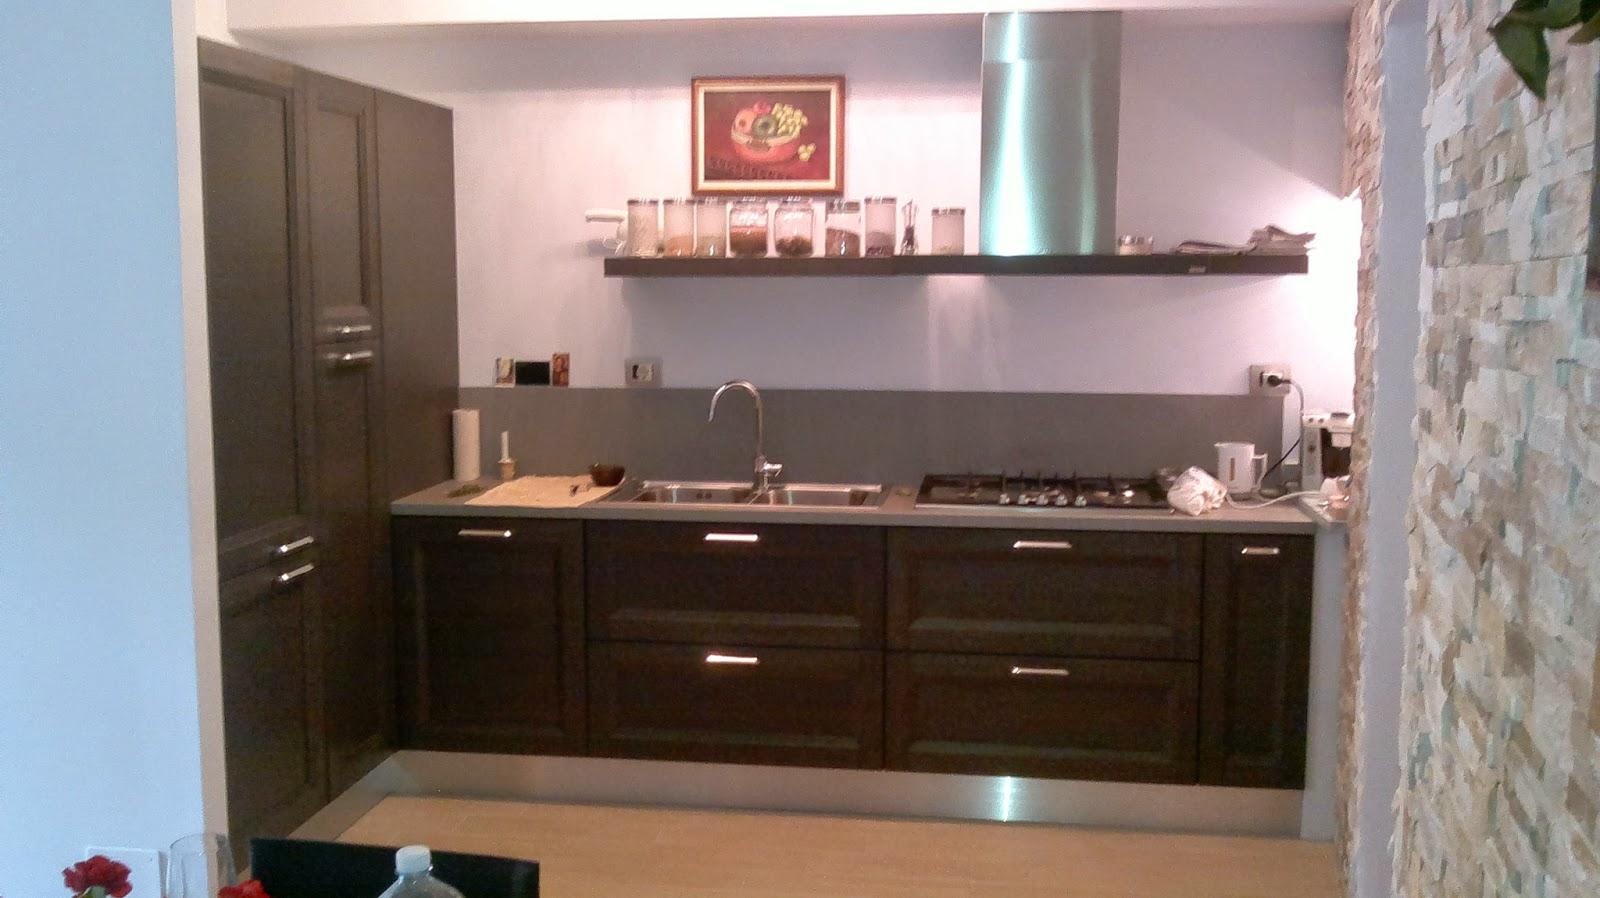 Come coprire le piastrelle della cucina come predisporre gli impianti della cucina with come - Coprire le piastrelle della cucina ...